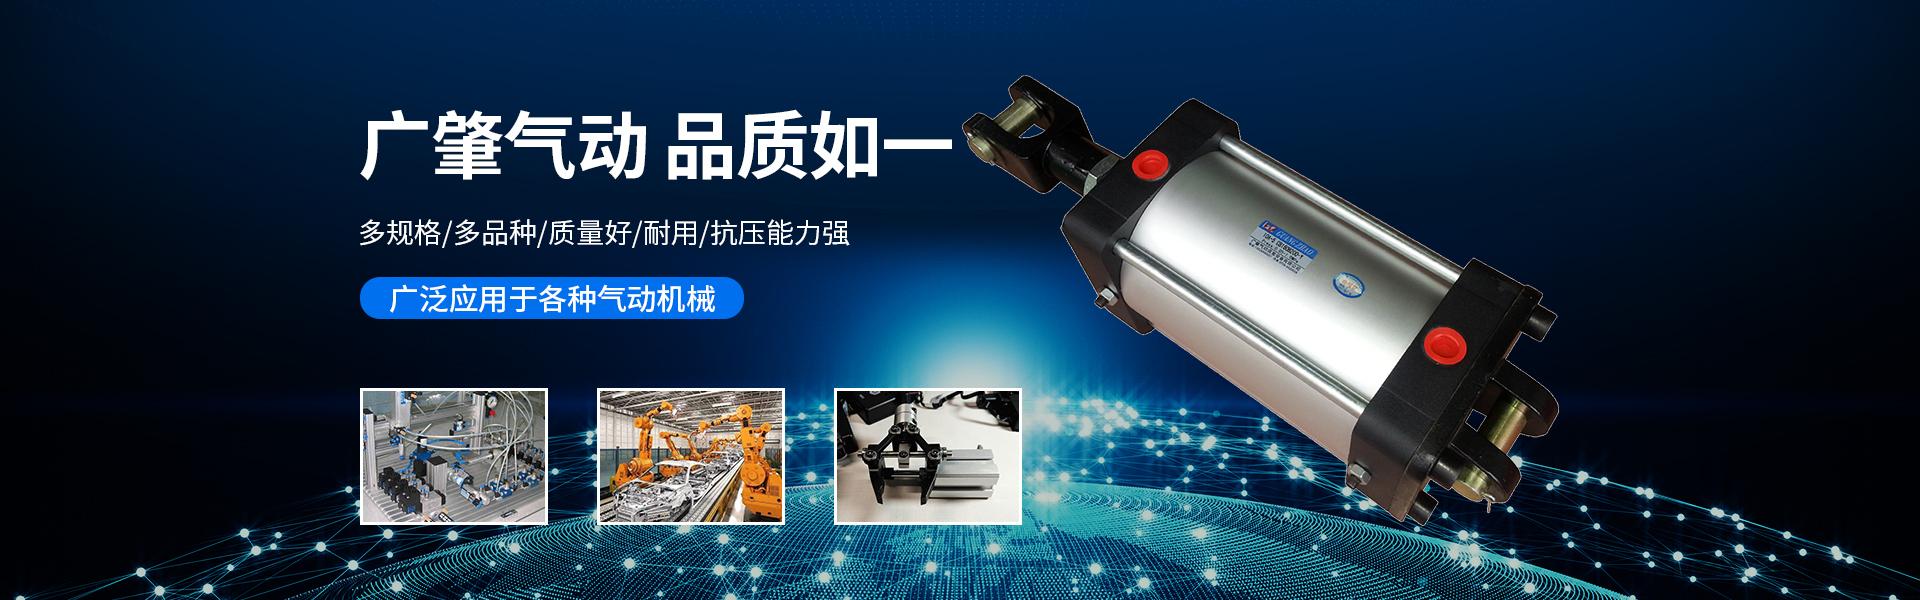 肇庆市广肇气动成套设备有限公司主营肇庆气动、气动元件、电磁阀、三联体等产品、产品热销全国各地。